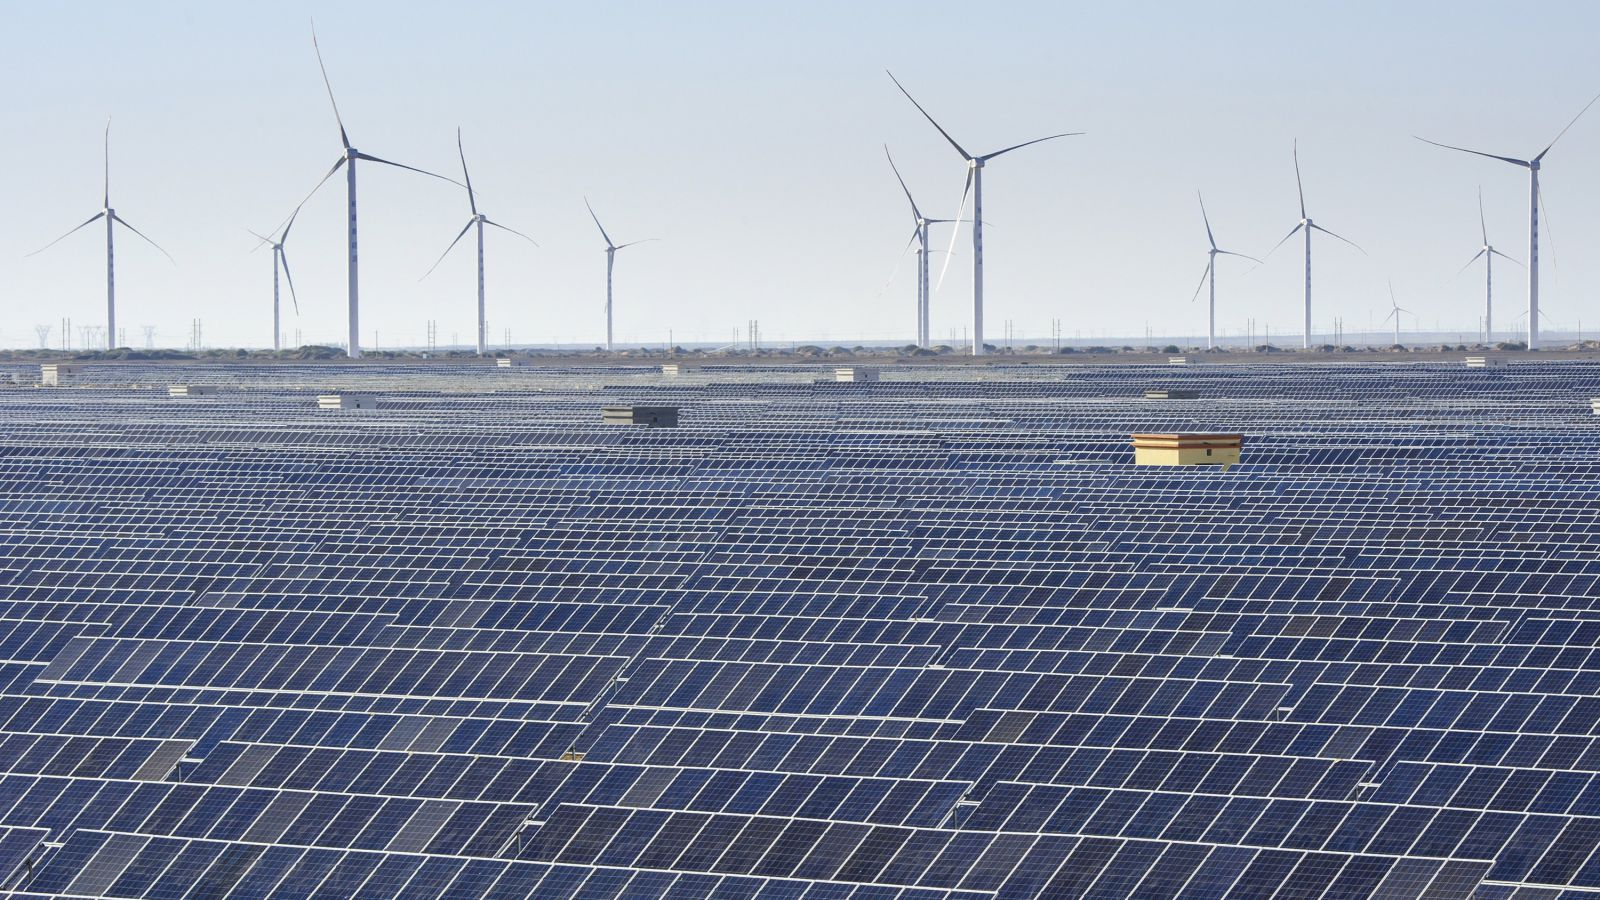 Sólo 5% de los hogares mexicanos usa energías renovables